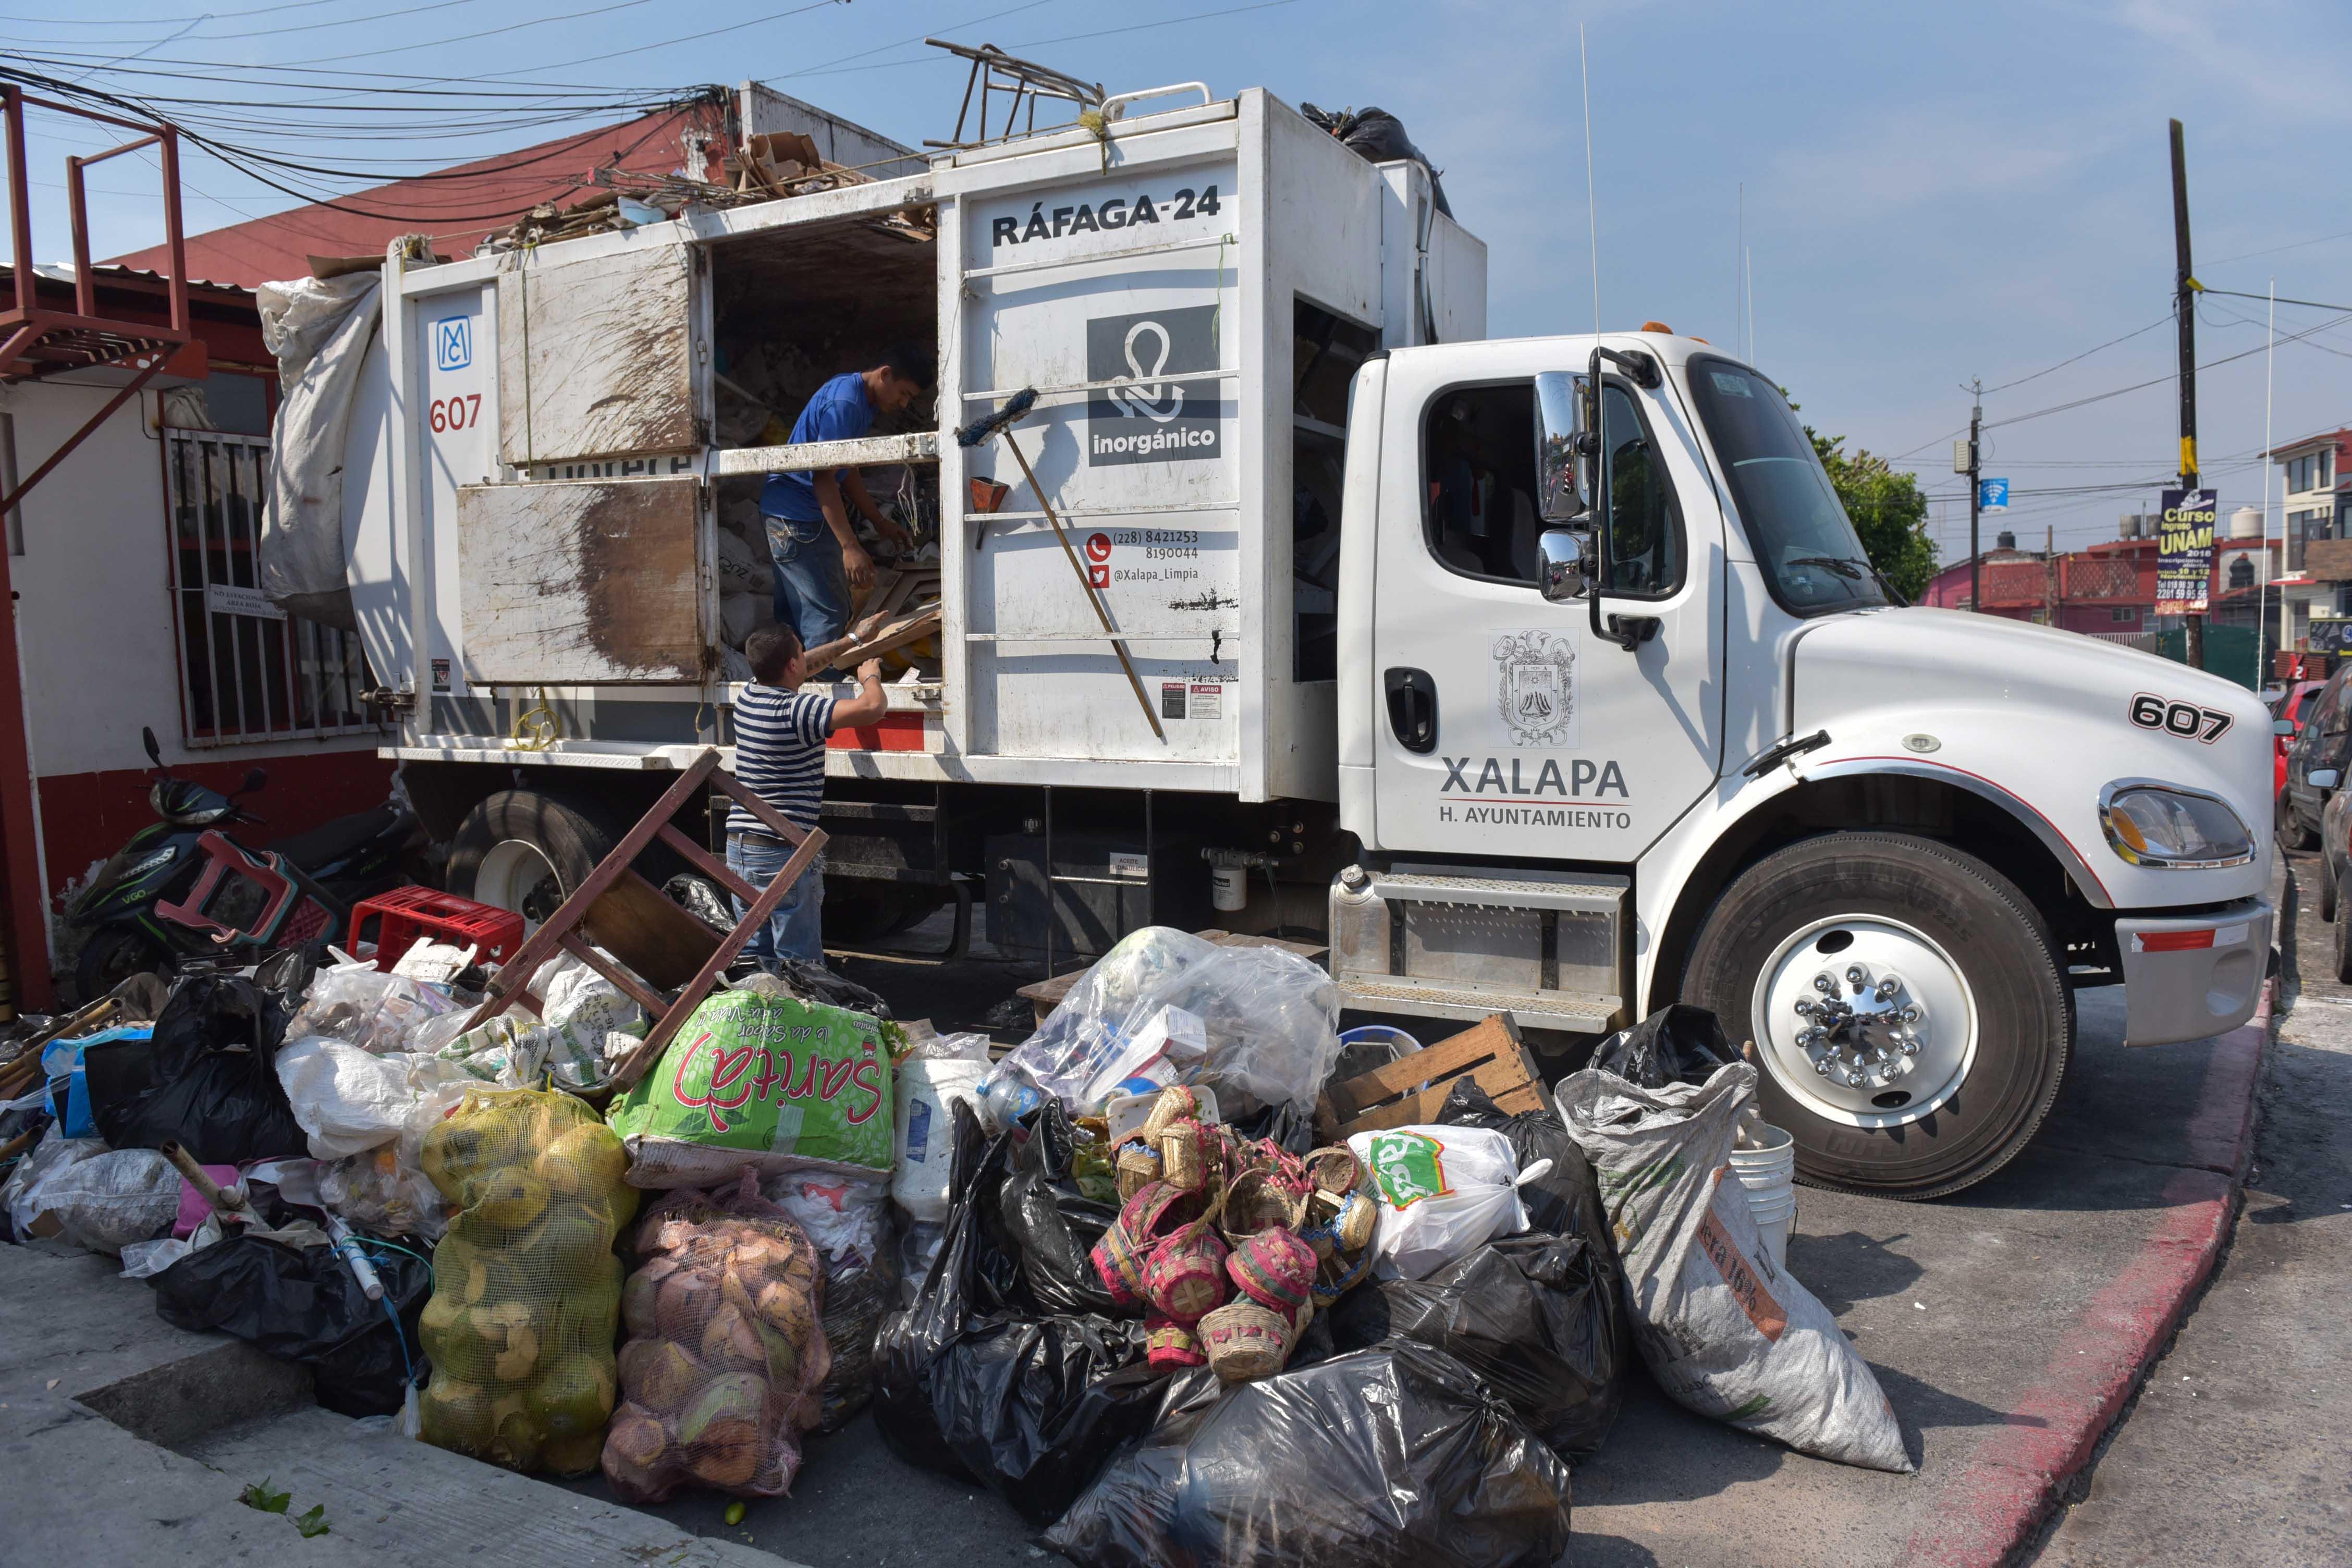 ¡Ojo Xalapa! Domingo y lunes se suspende recolección de basura